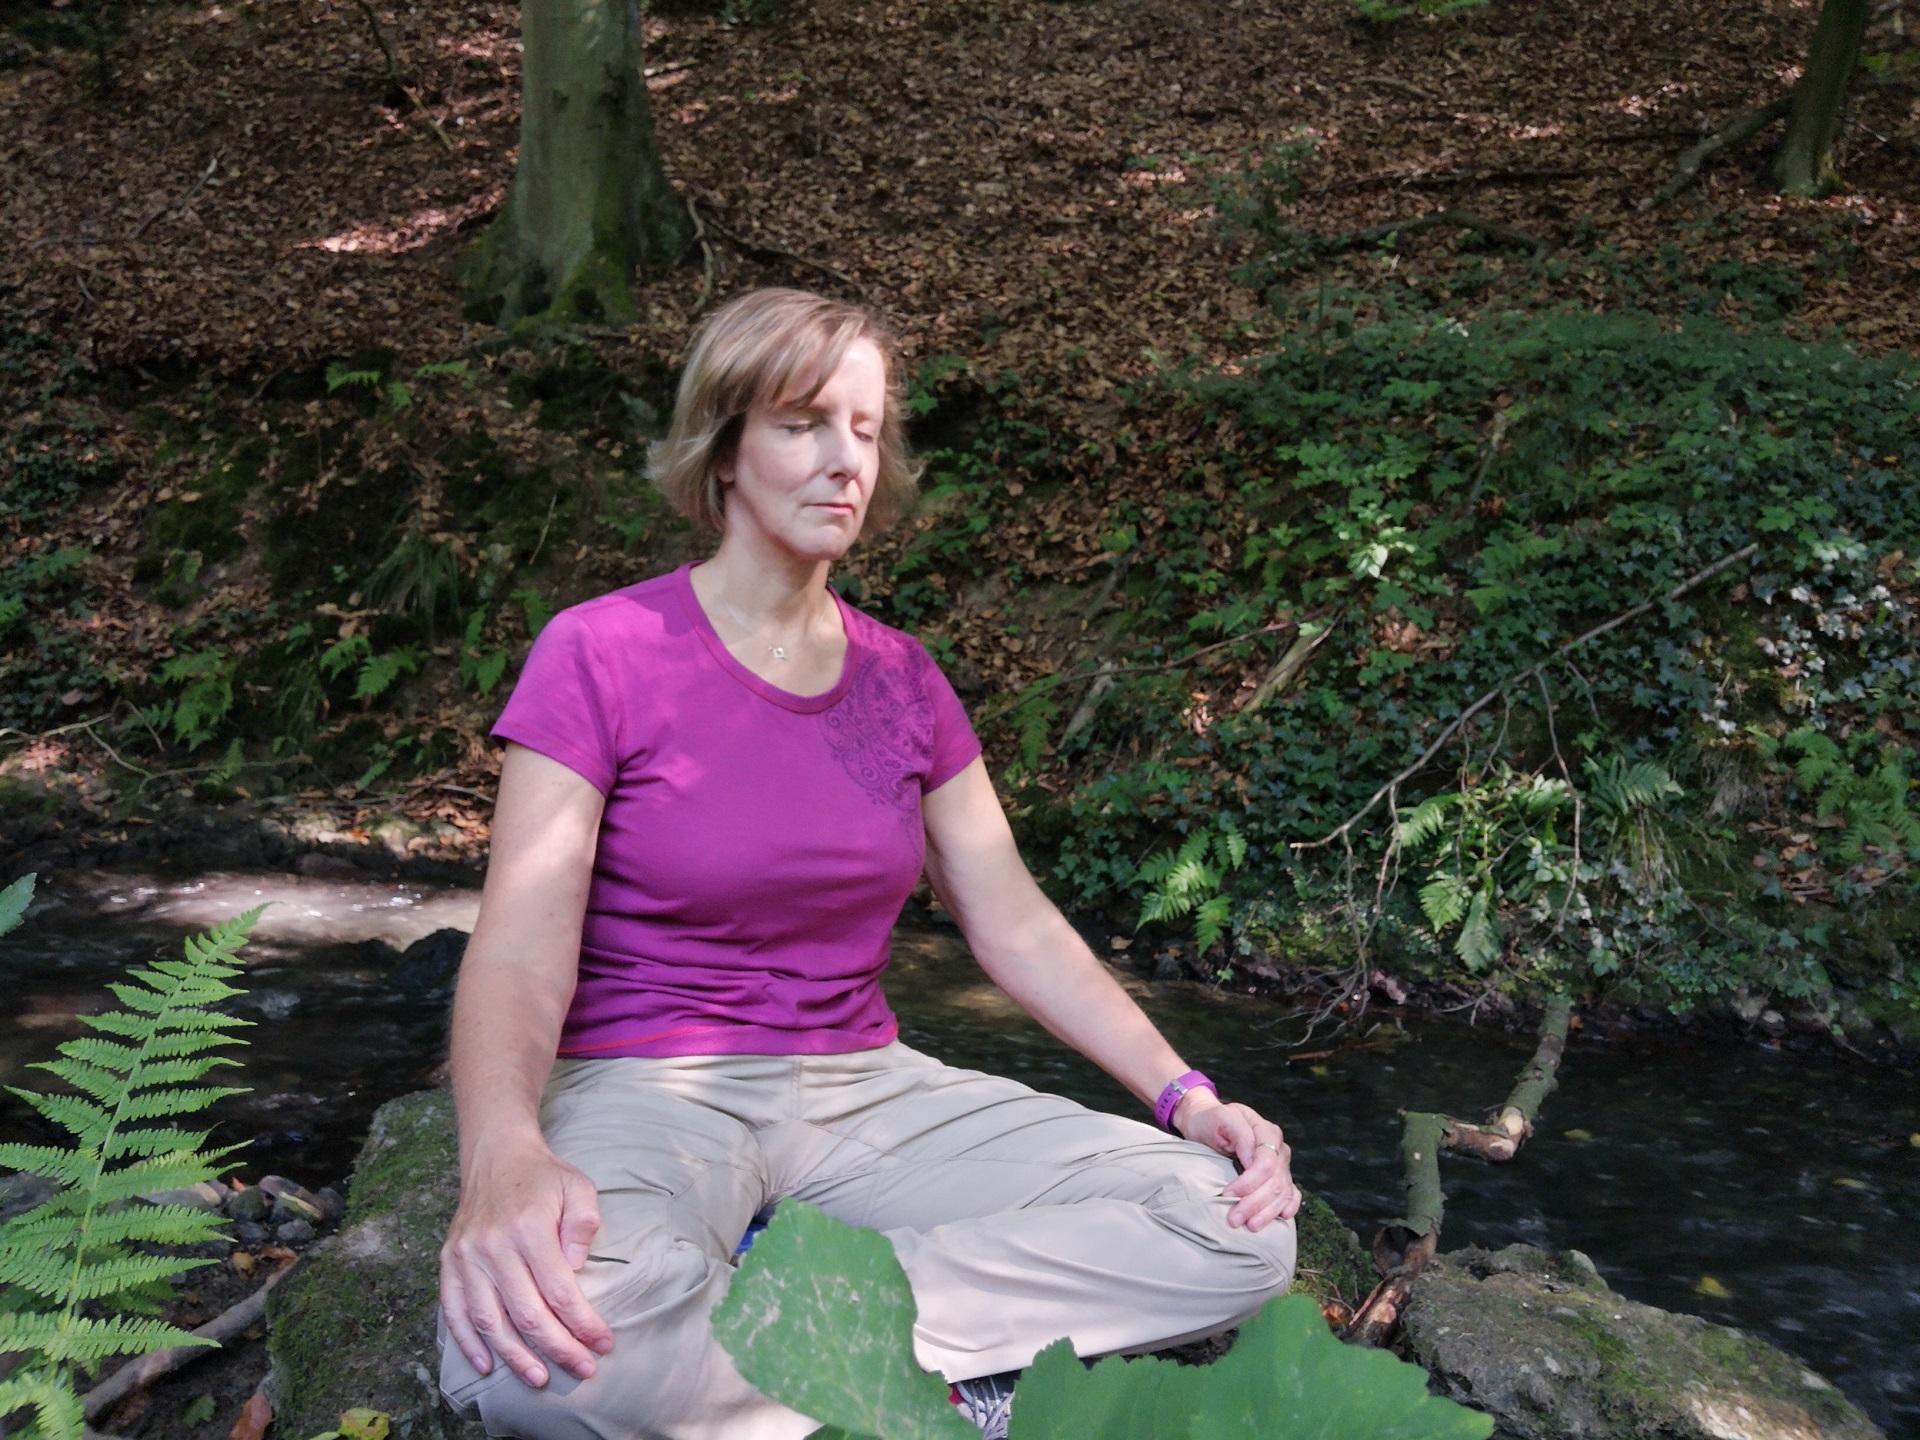 Entspannter Wochenausklang - mit Meditation und Entspannungsübungen in der Natur zur Ruhe kommen